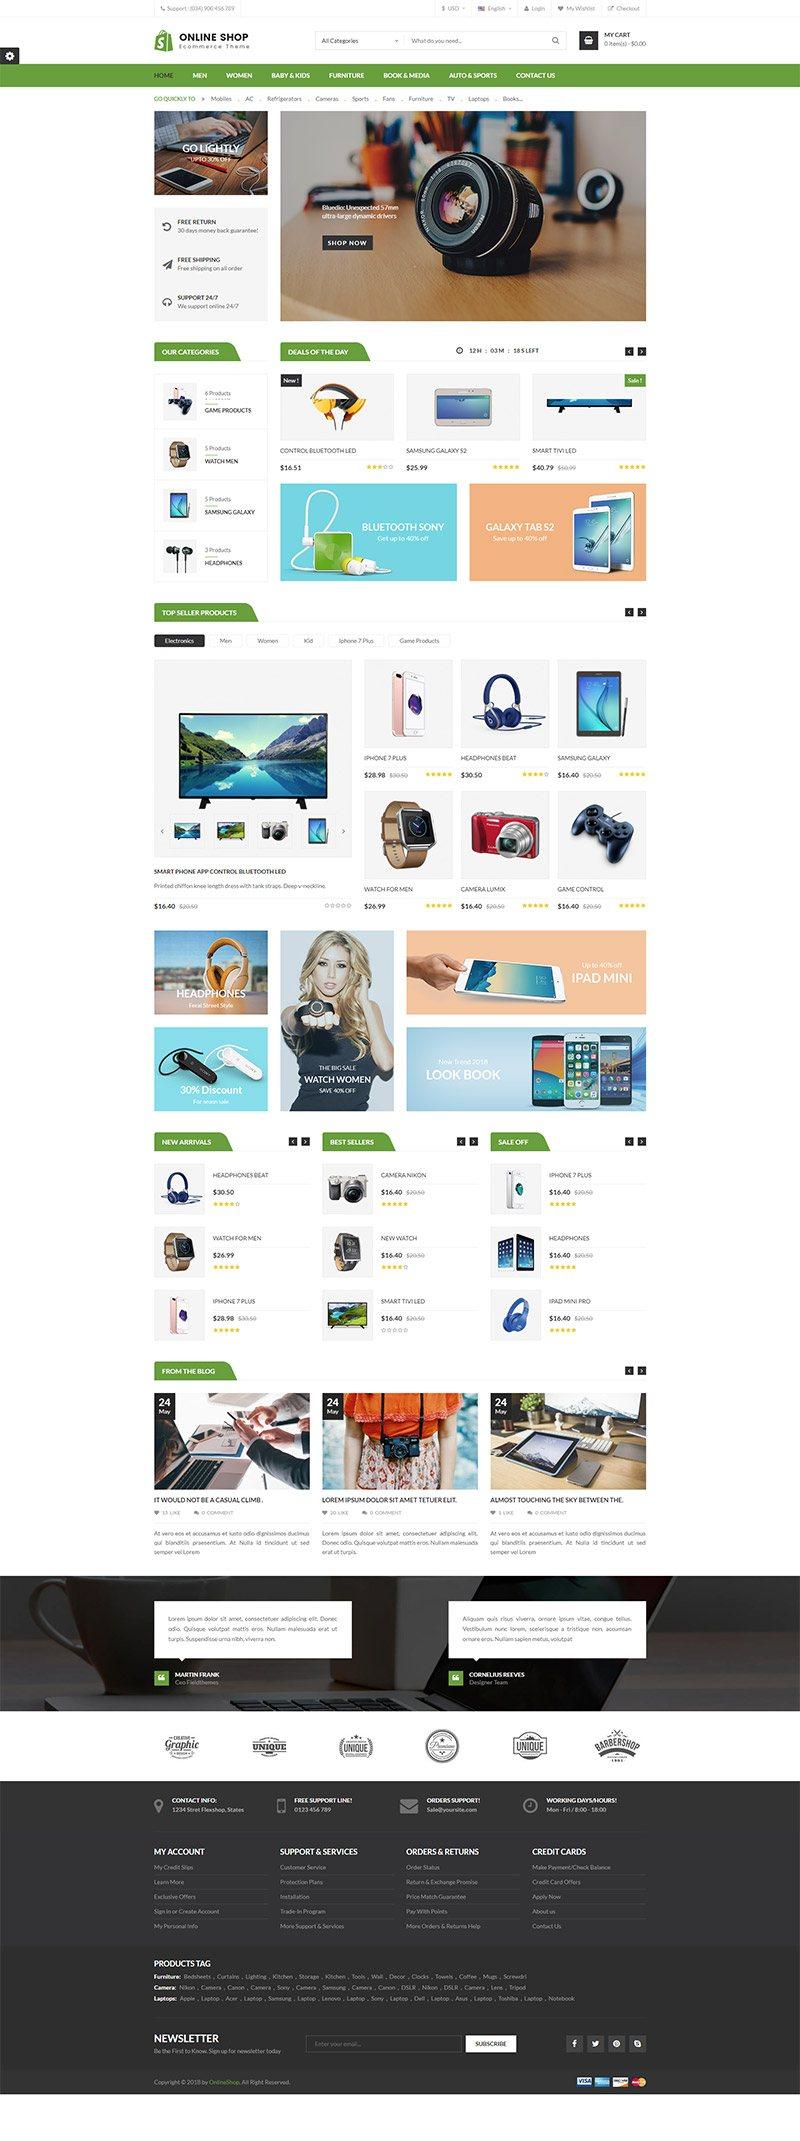 Mẫu web thương mại điện tử / T2003